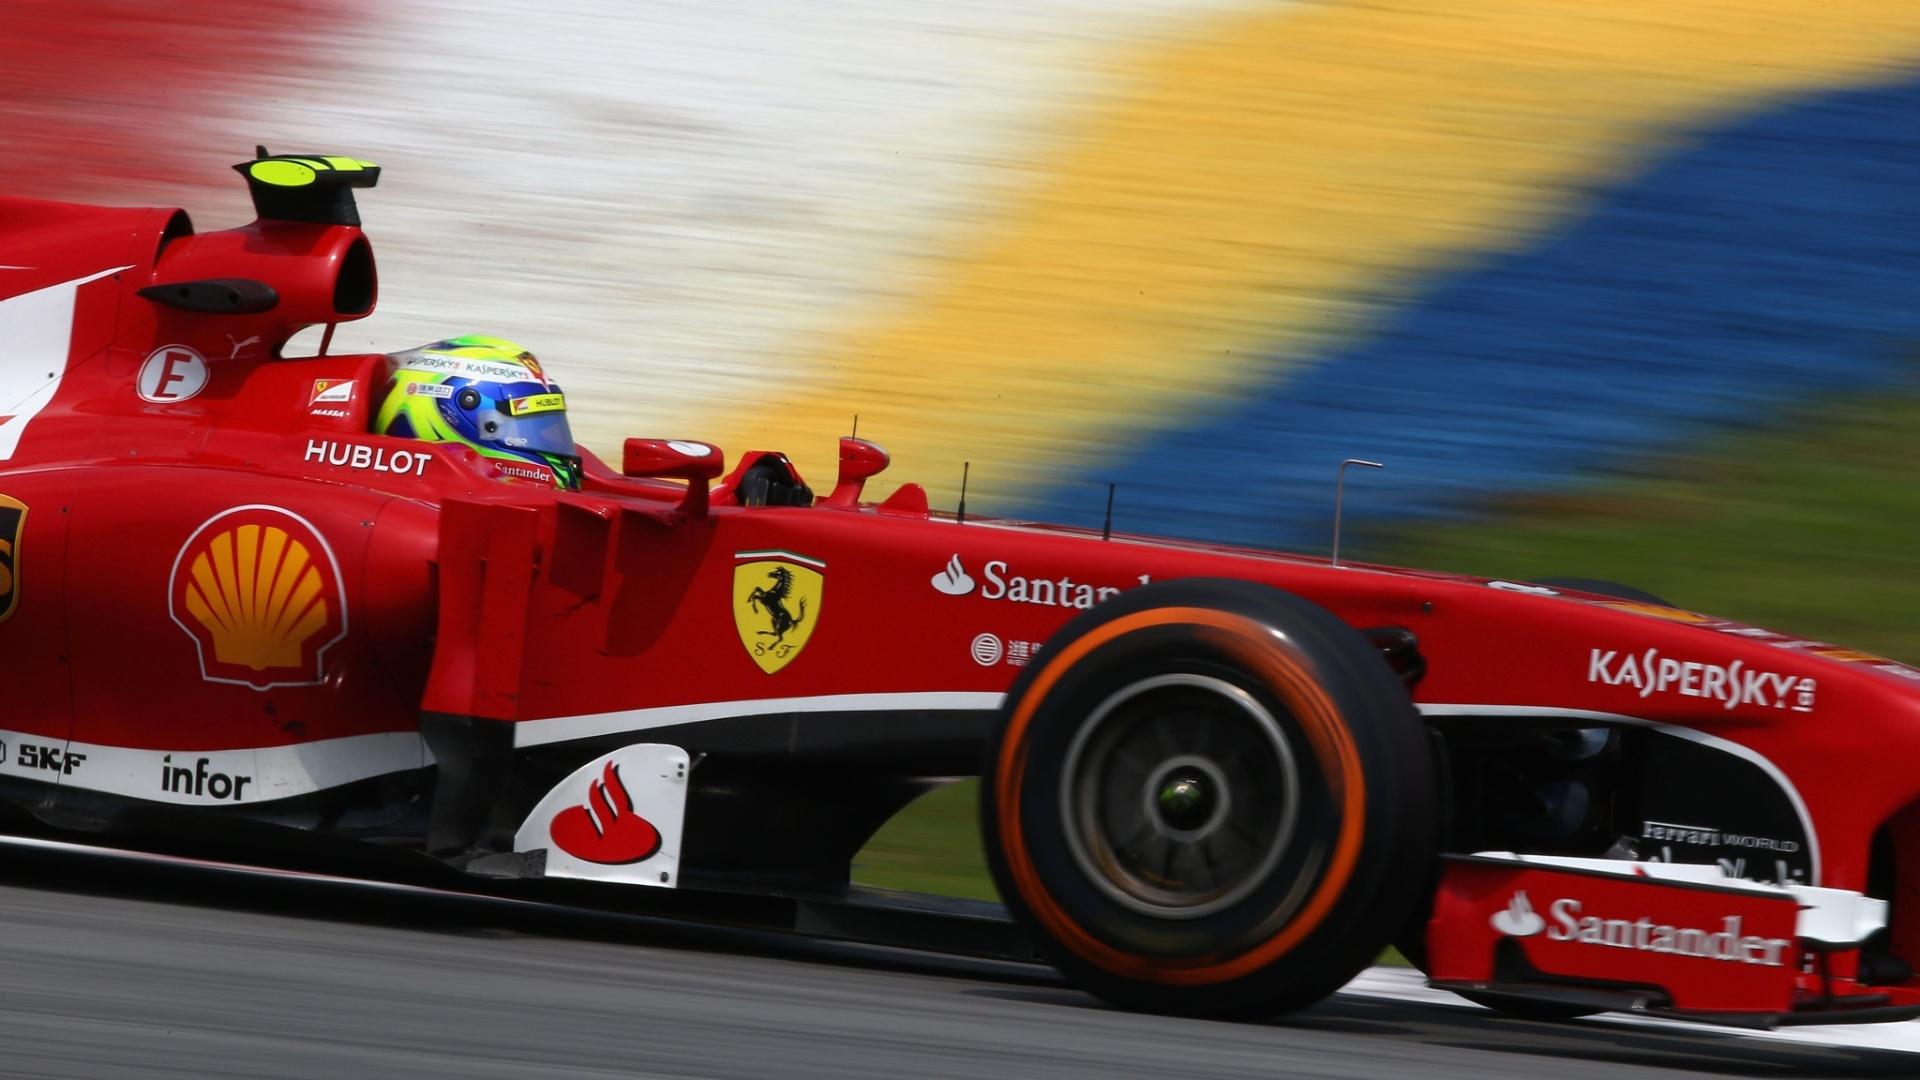 Massa em ação no GP de Sepang, na Malásia. Brasileiro terminou o consolidado do dia na 3ª posição